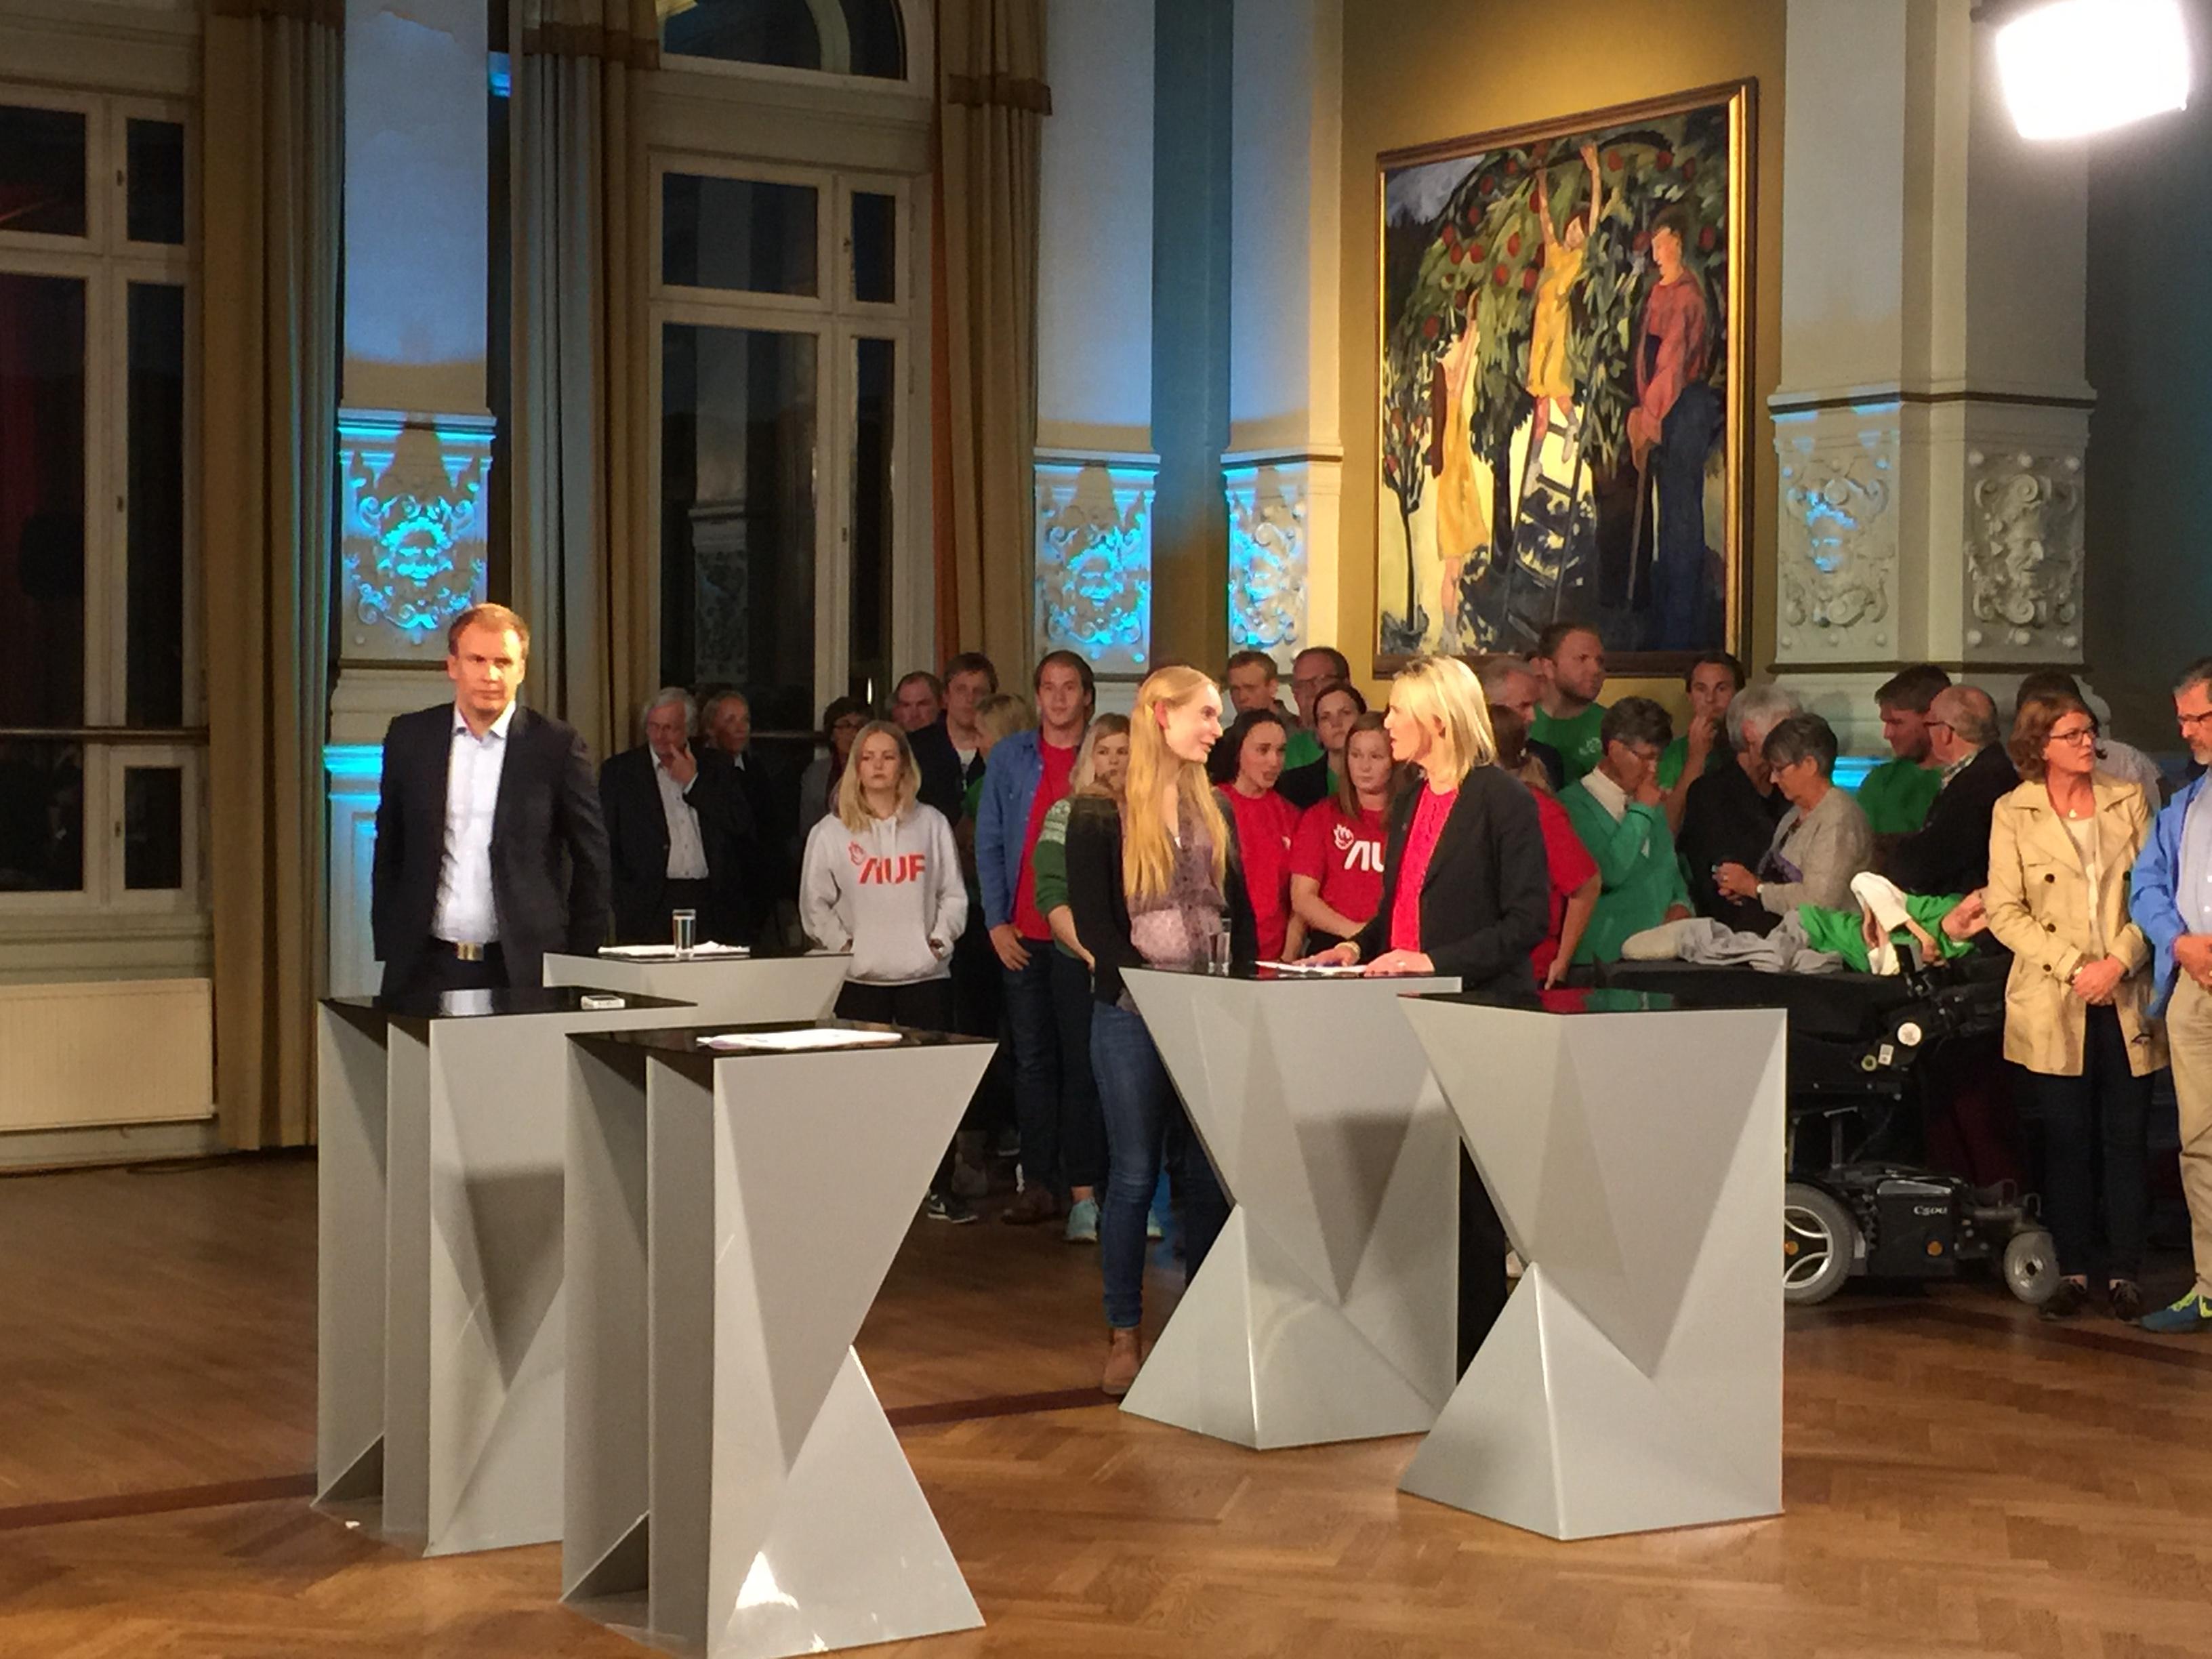 NRK Valgevent 20151107.JPG